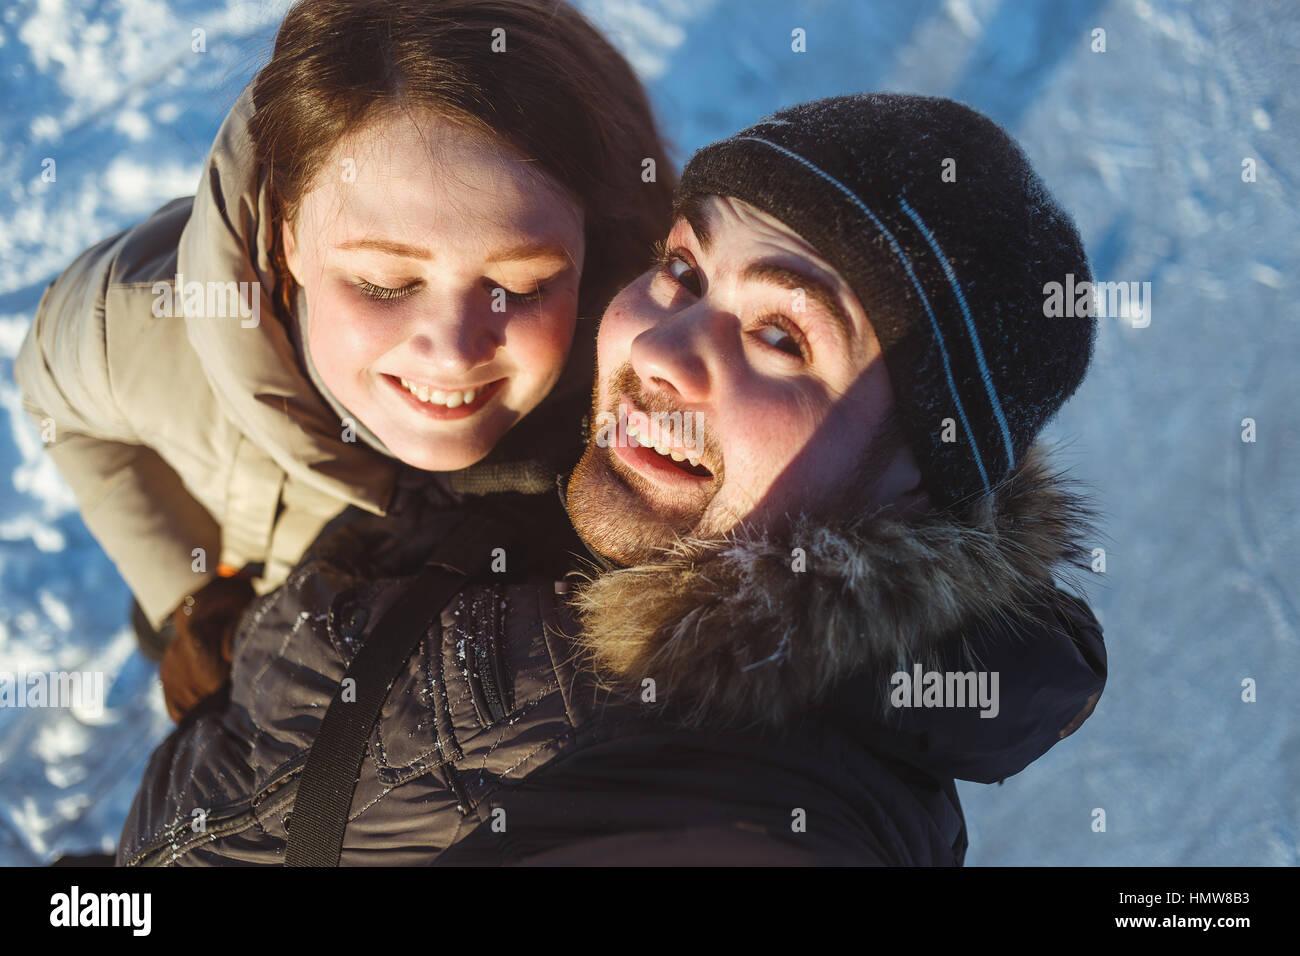 Winter-Porträt von schönen Reisen paar, Wanderer lachend paar, emotionaler Mensch und Zunge Mädchen, Stockbild